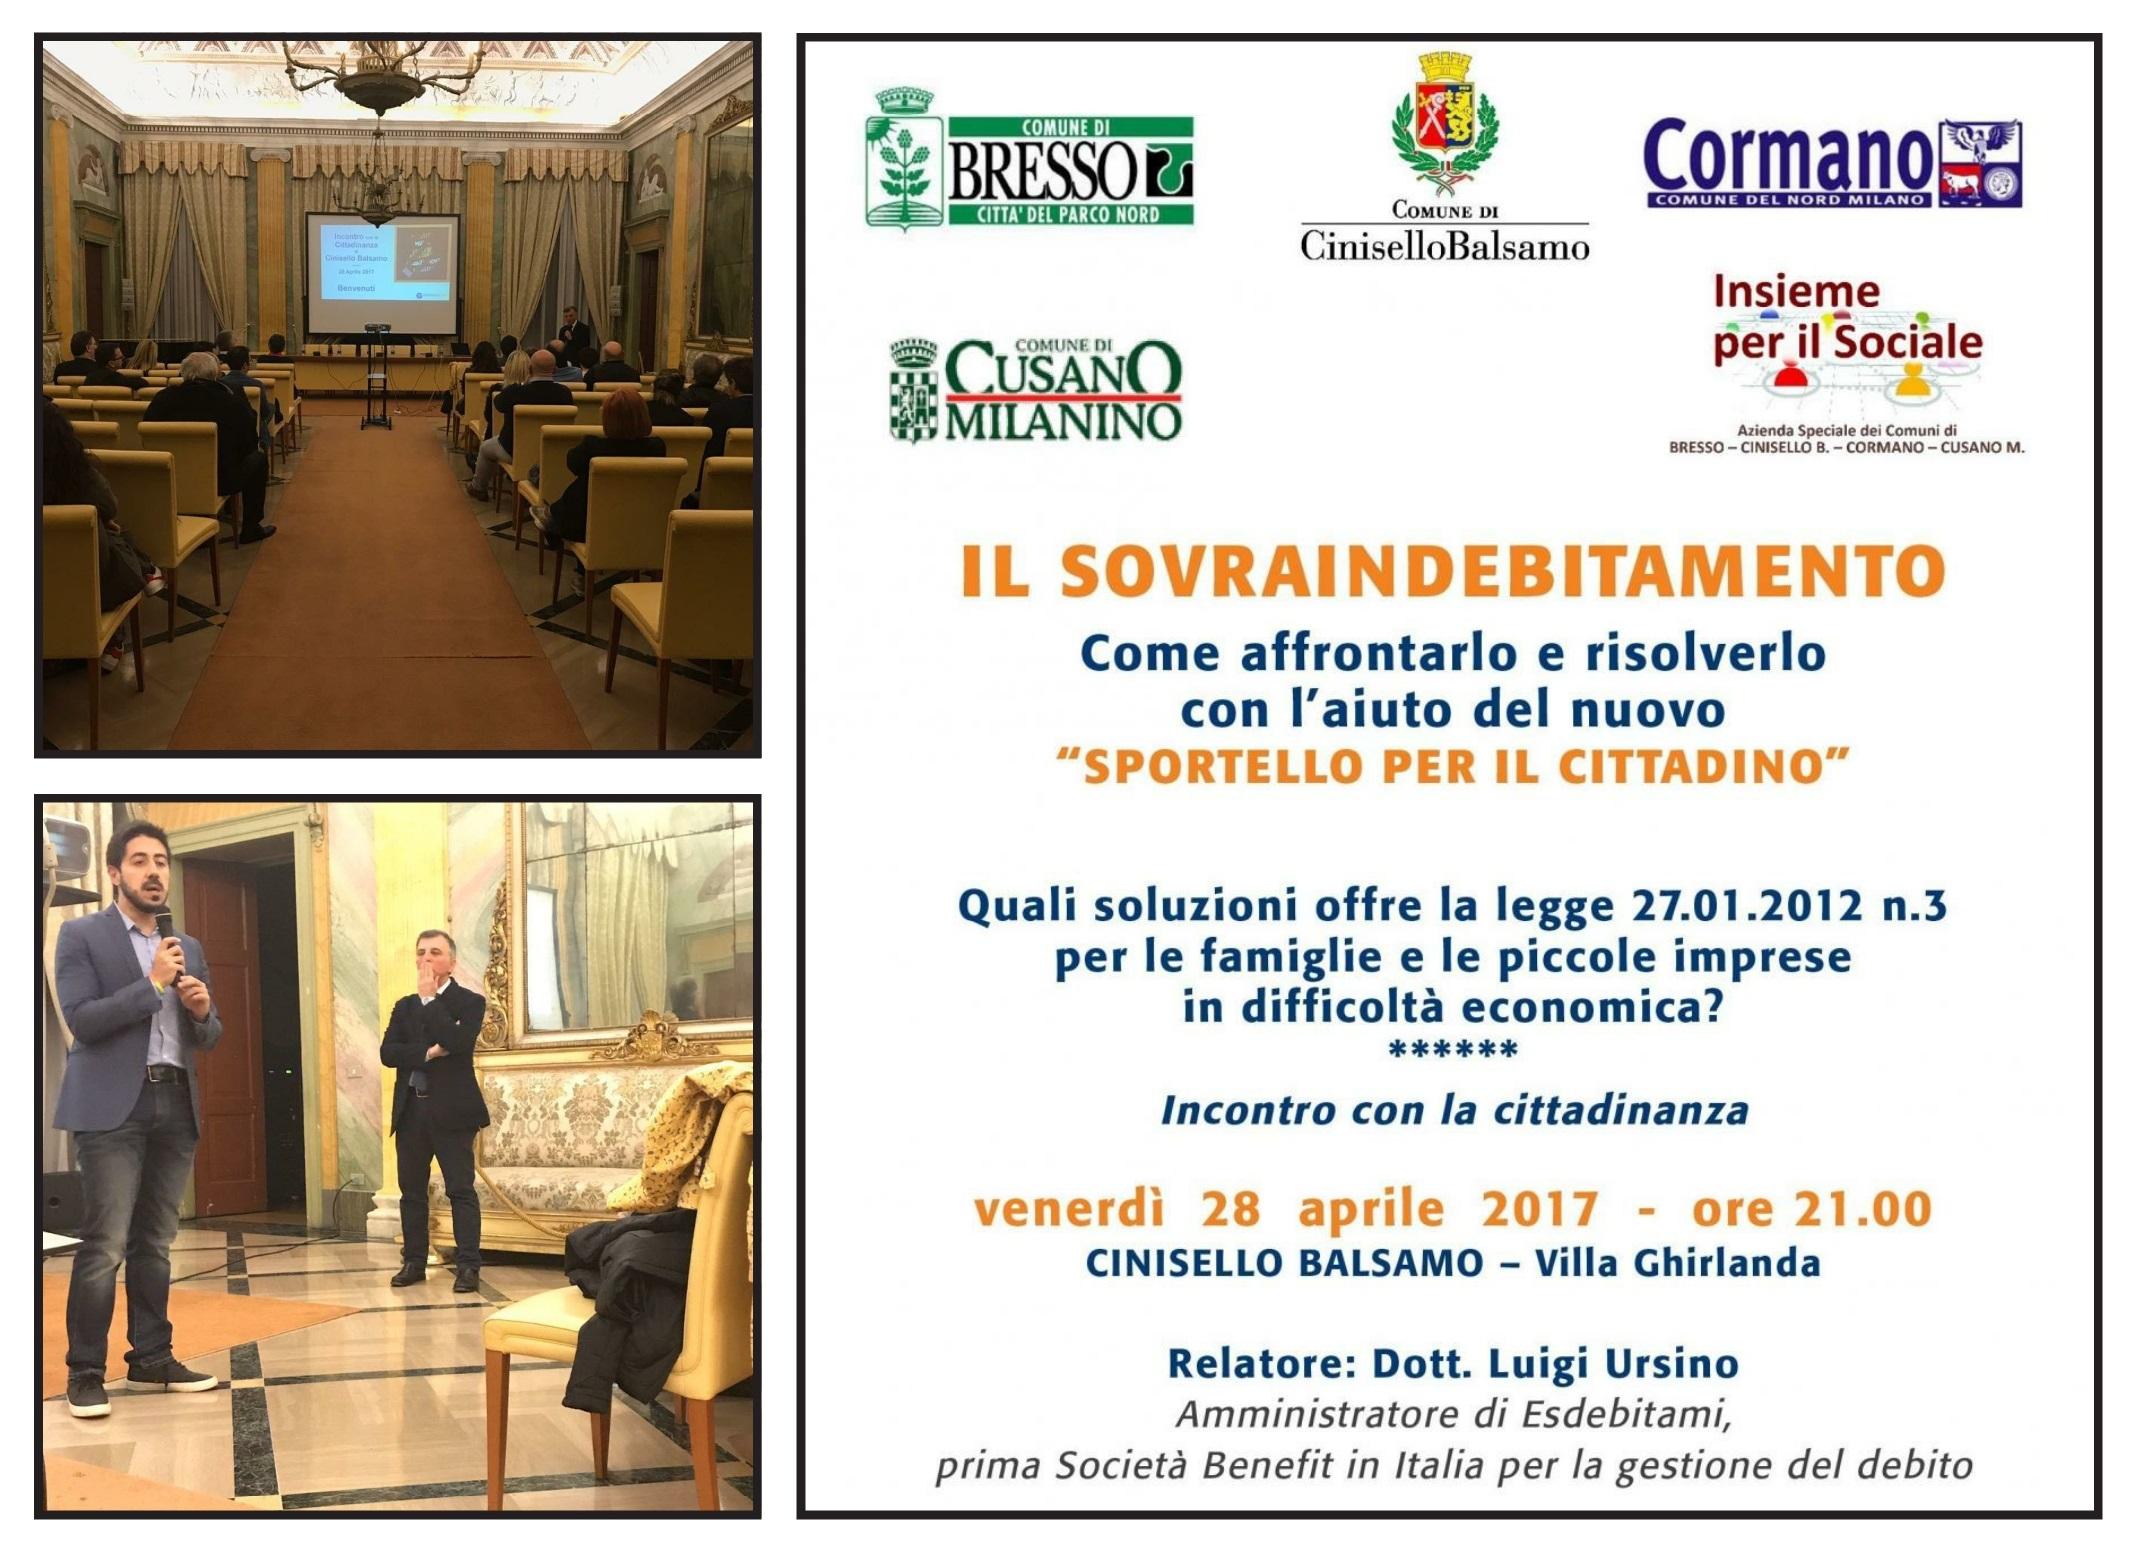 sovraindebitamento_convegno_abc legal care